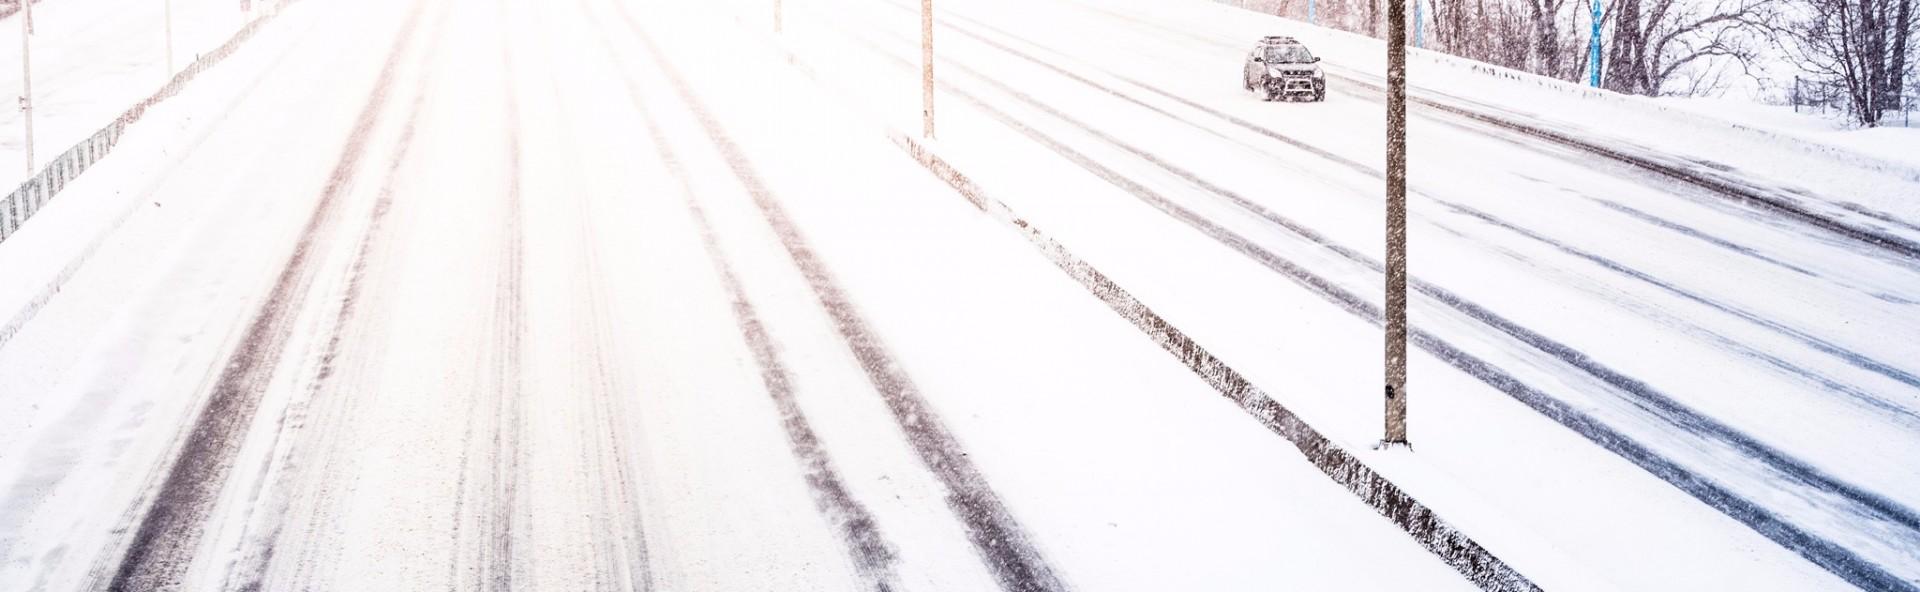 snow-zima-pneu